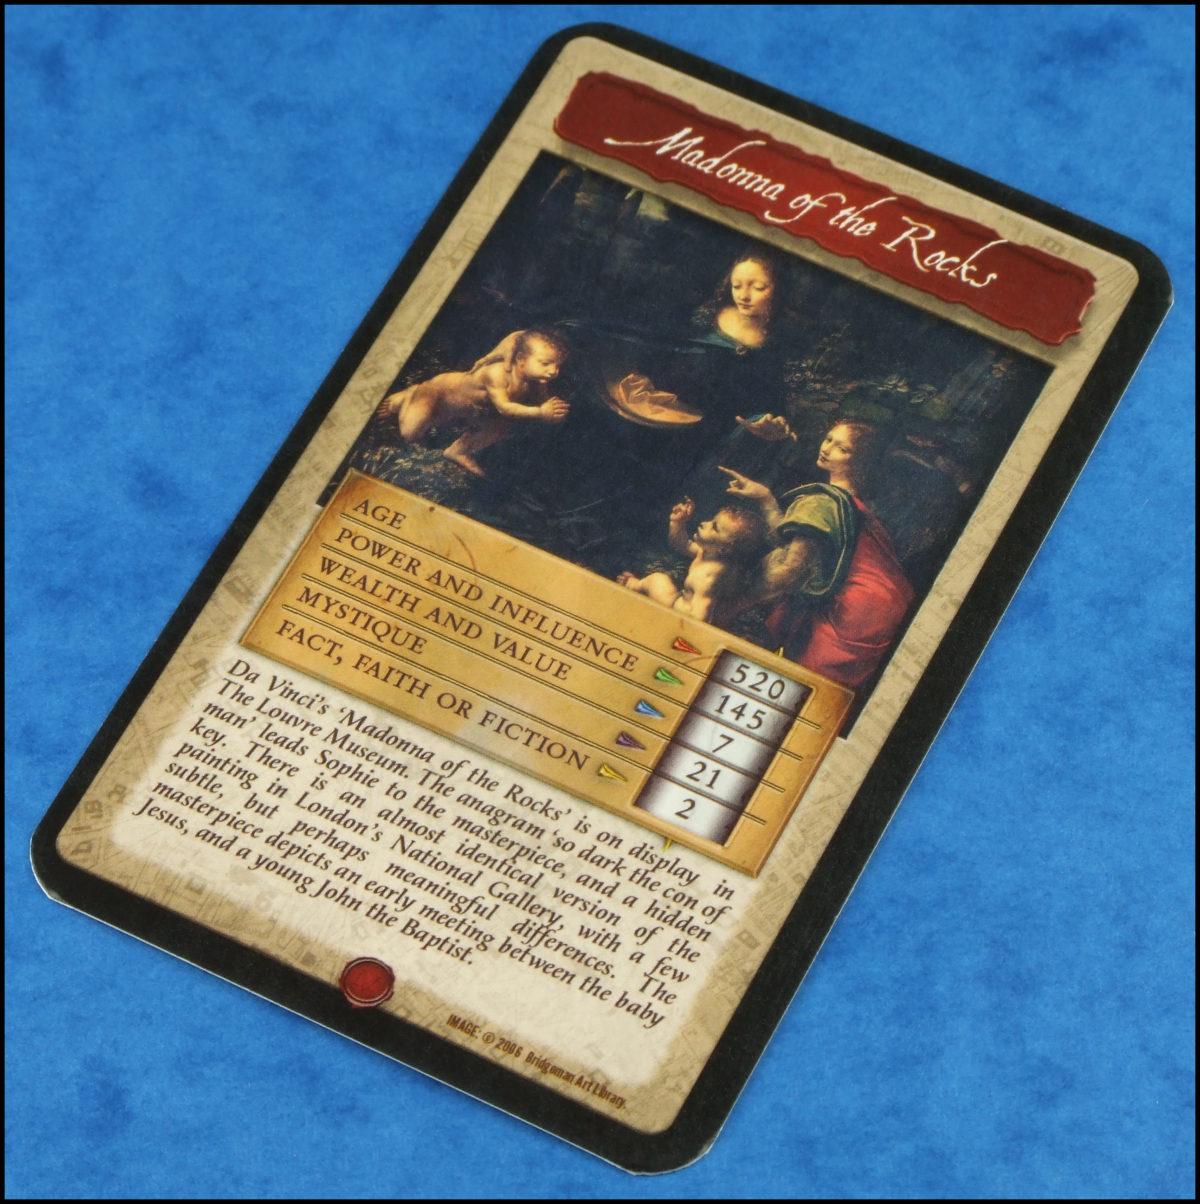 The Da Vinci Code - Sample Card